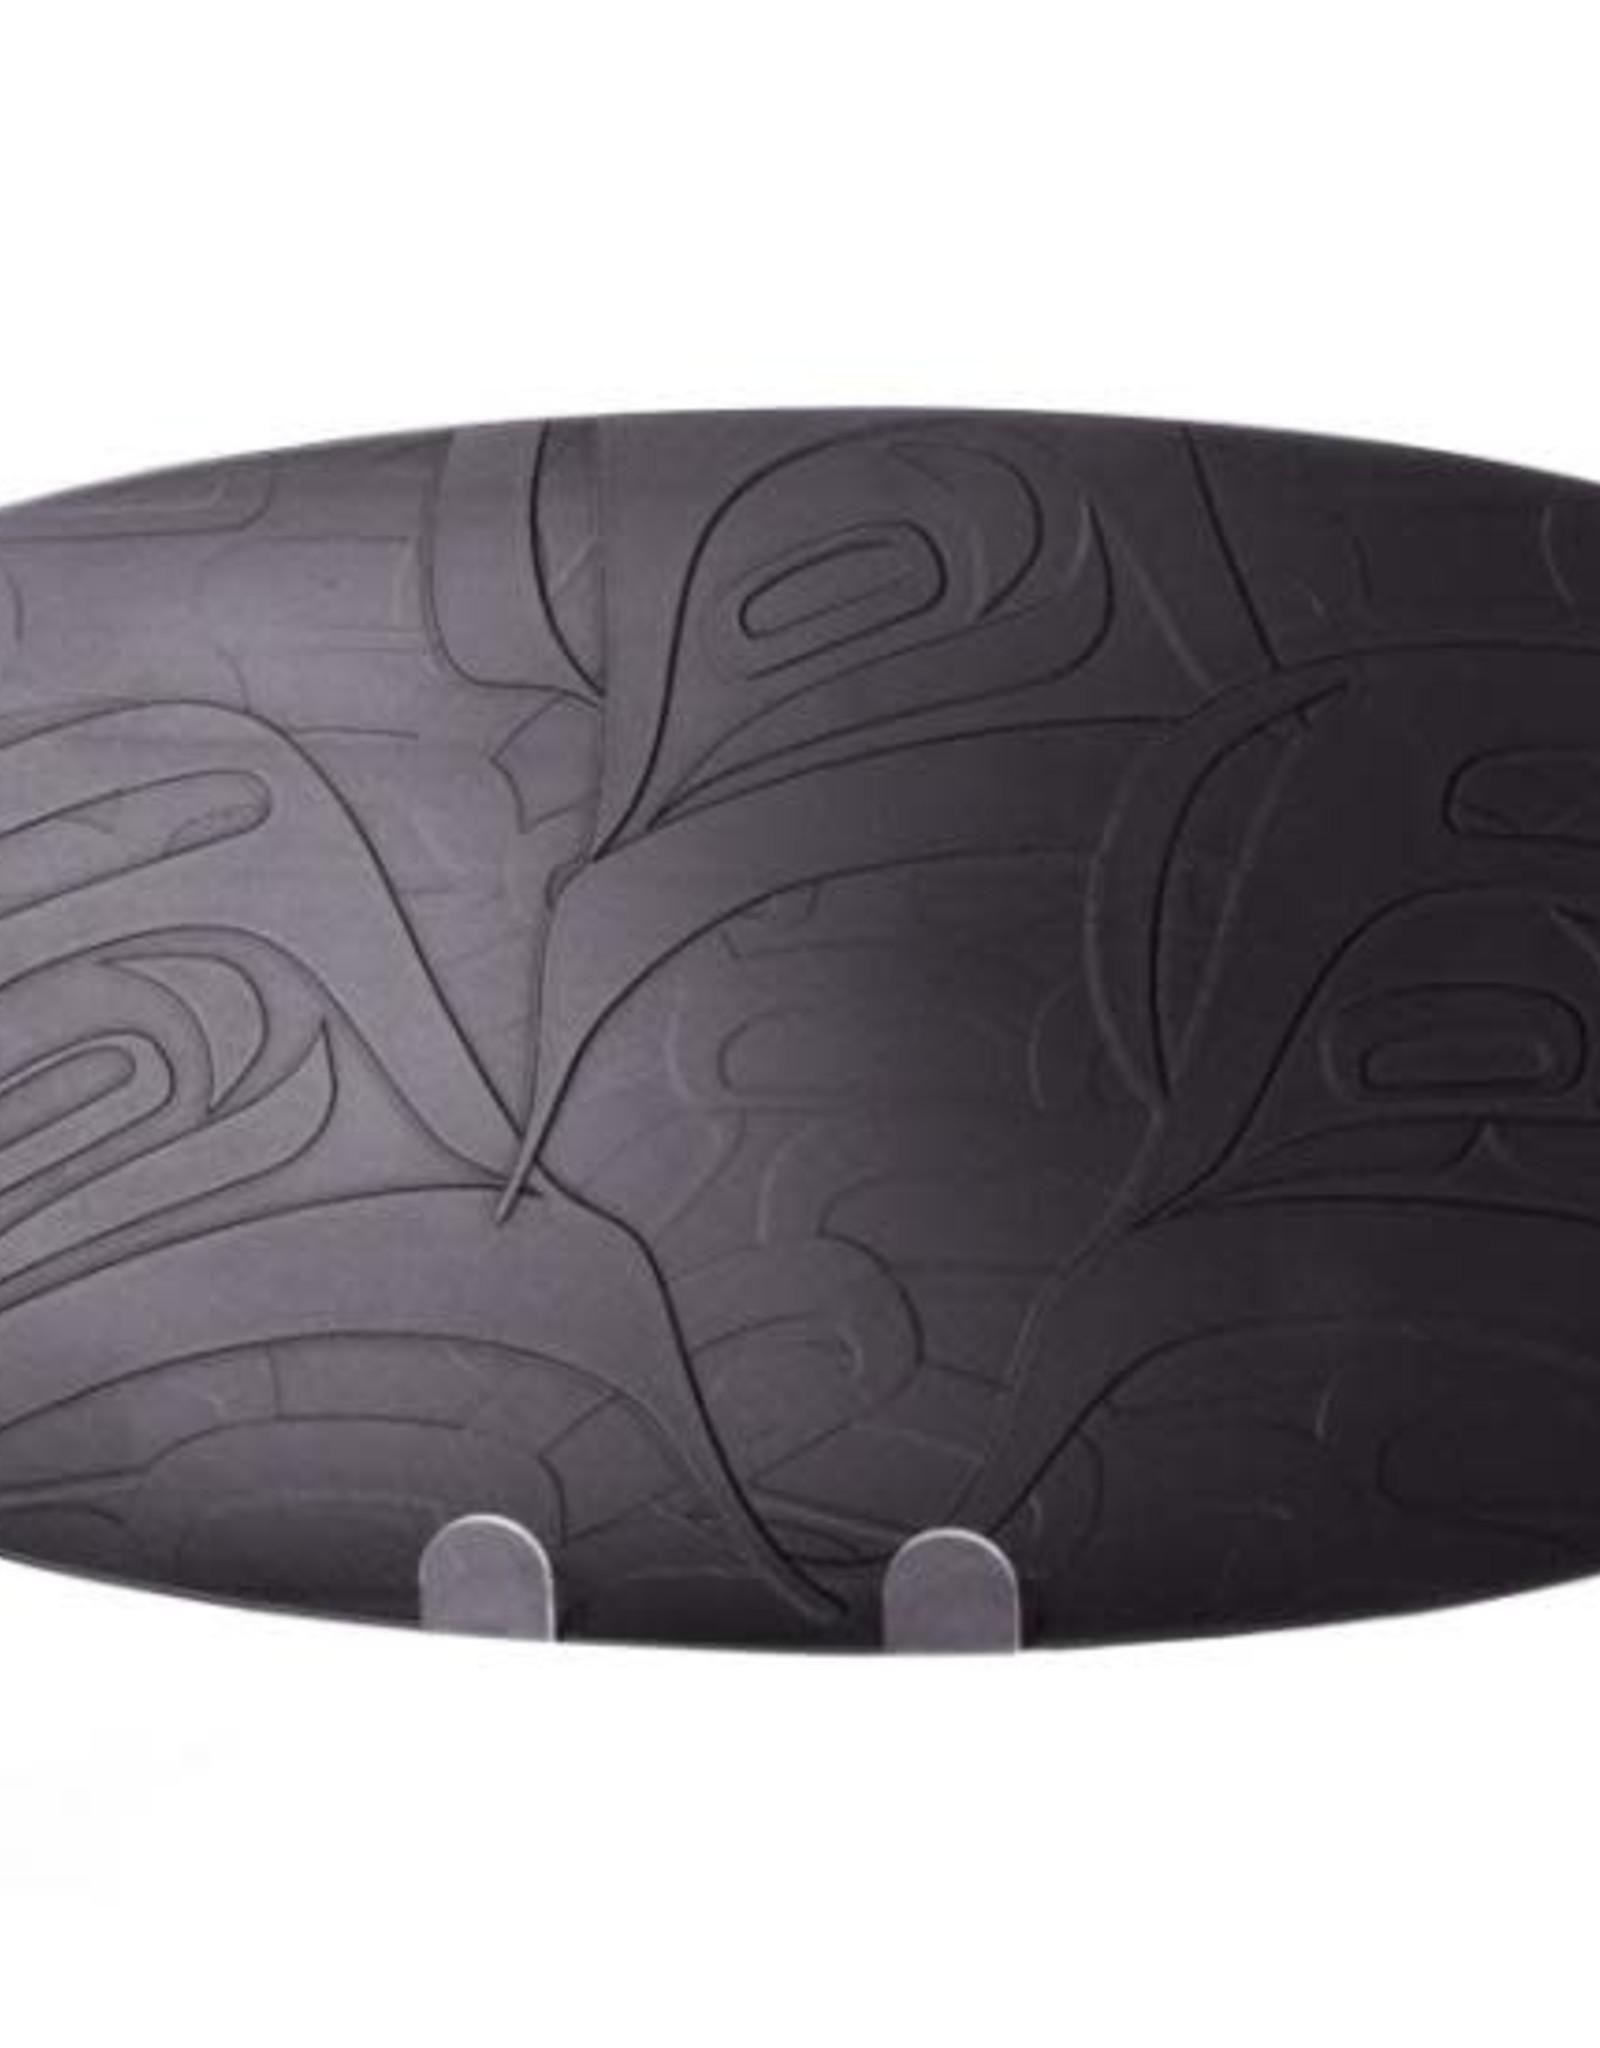 Nesting Platter - Large. Corrine Hunt